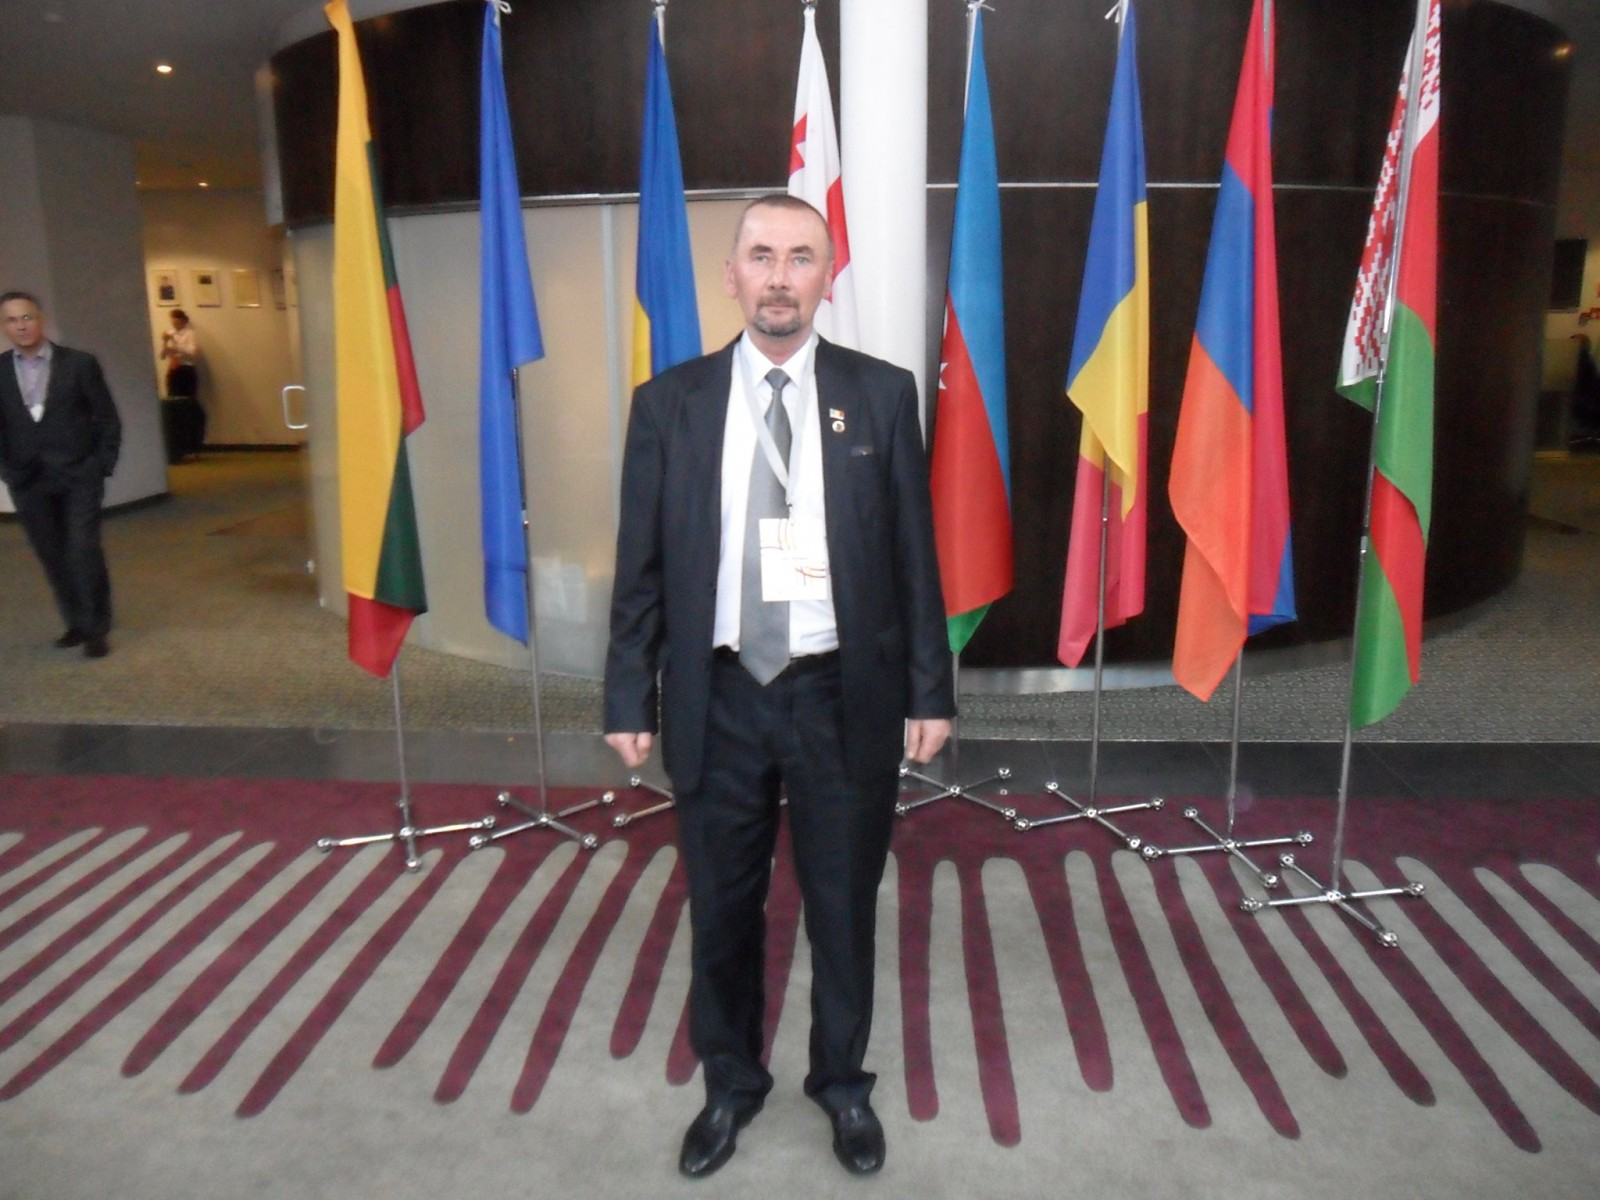 Observatorul de Nord: Primarul comunei Tătărăuca Veche pleacă din funcție și cere azil politic